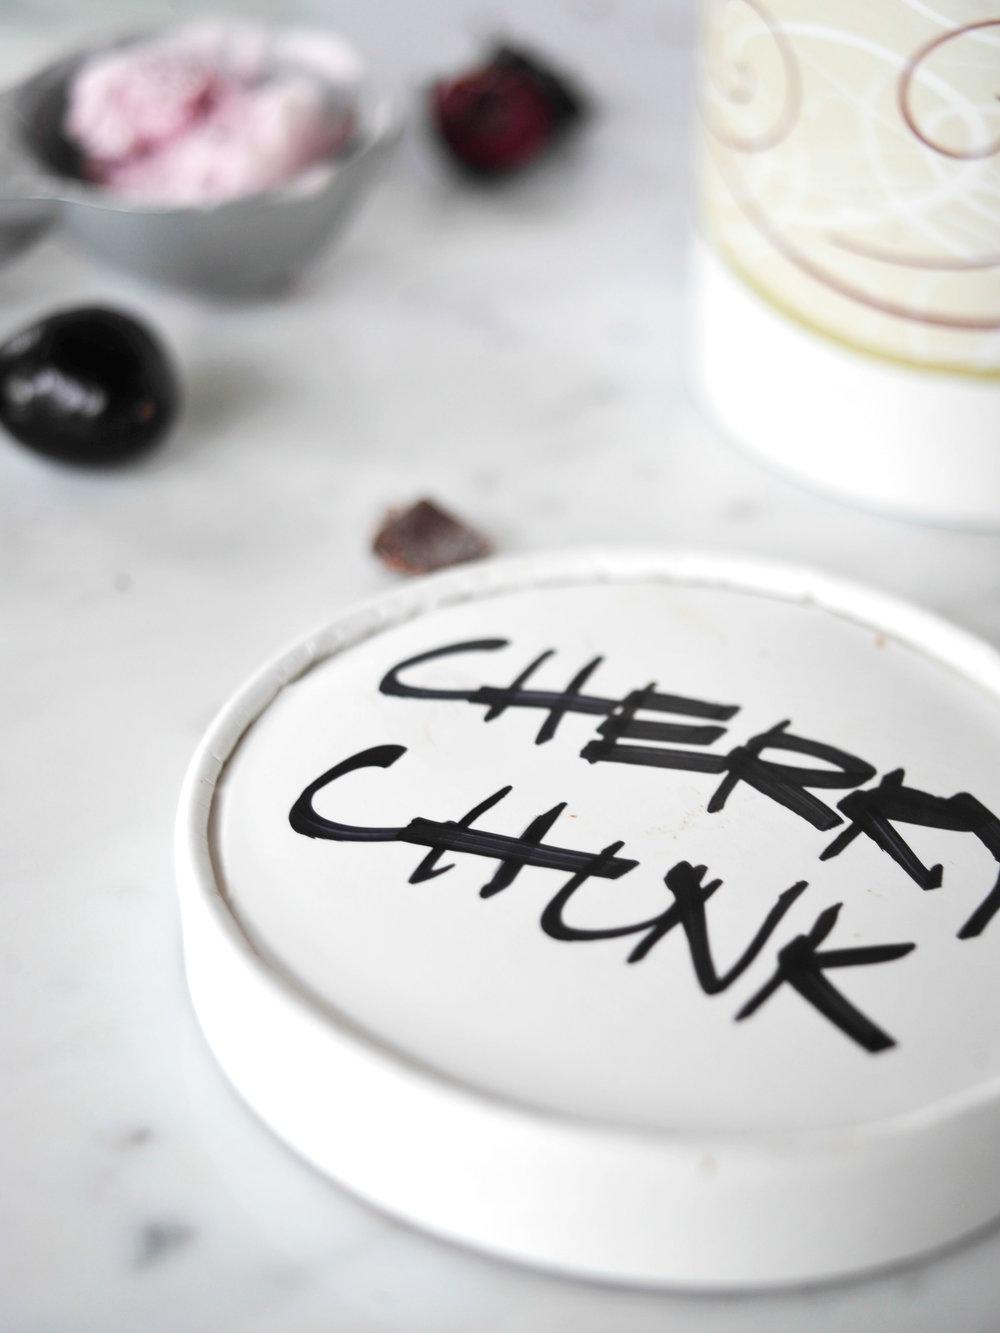 bowtiebaking-cherry-chunk-ice-cream-1